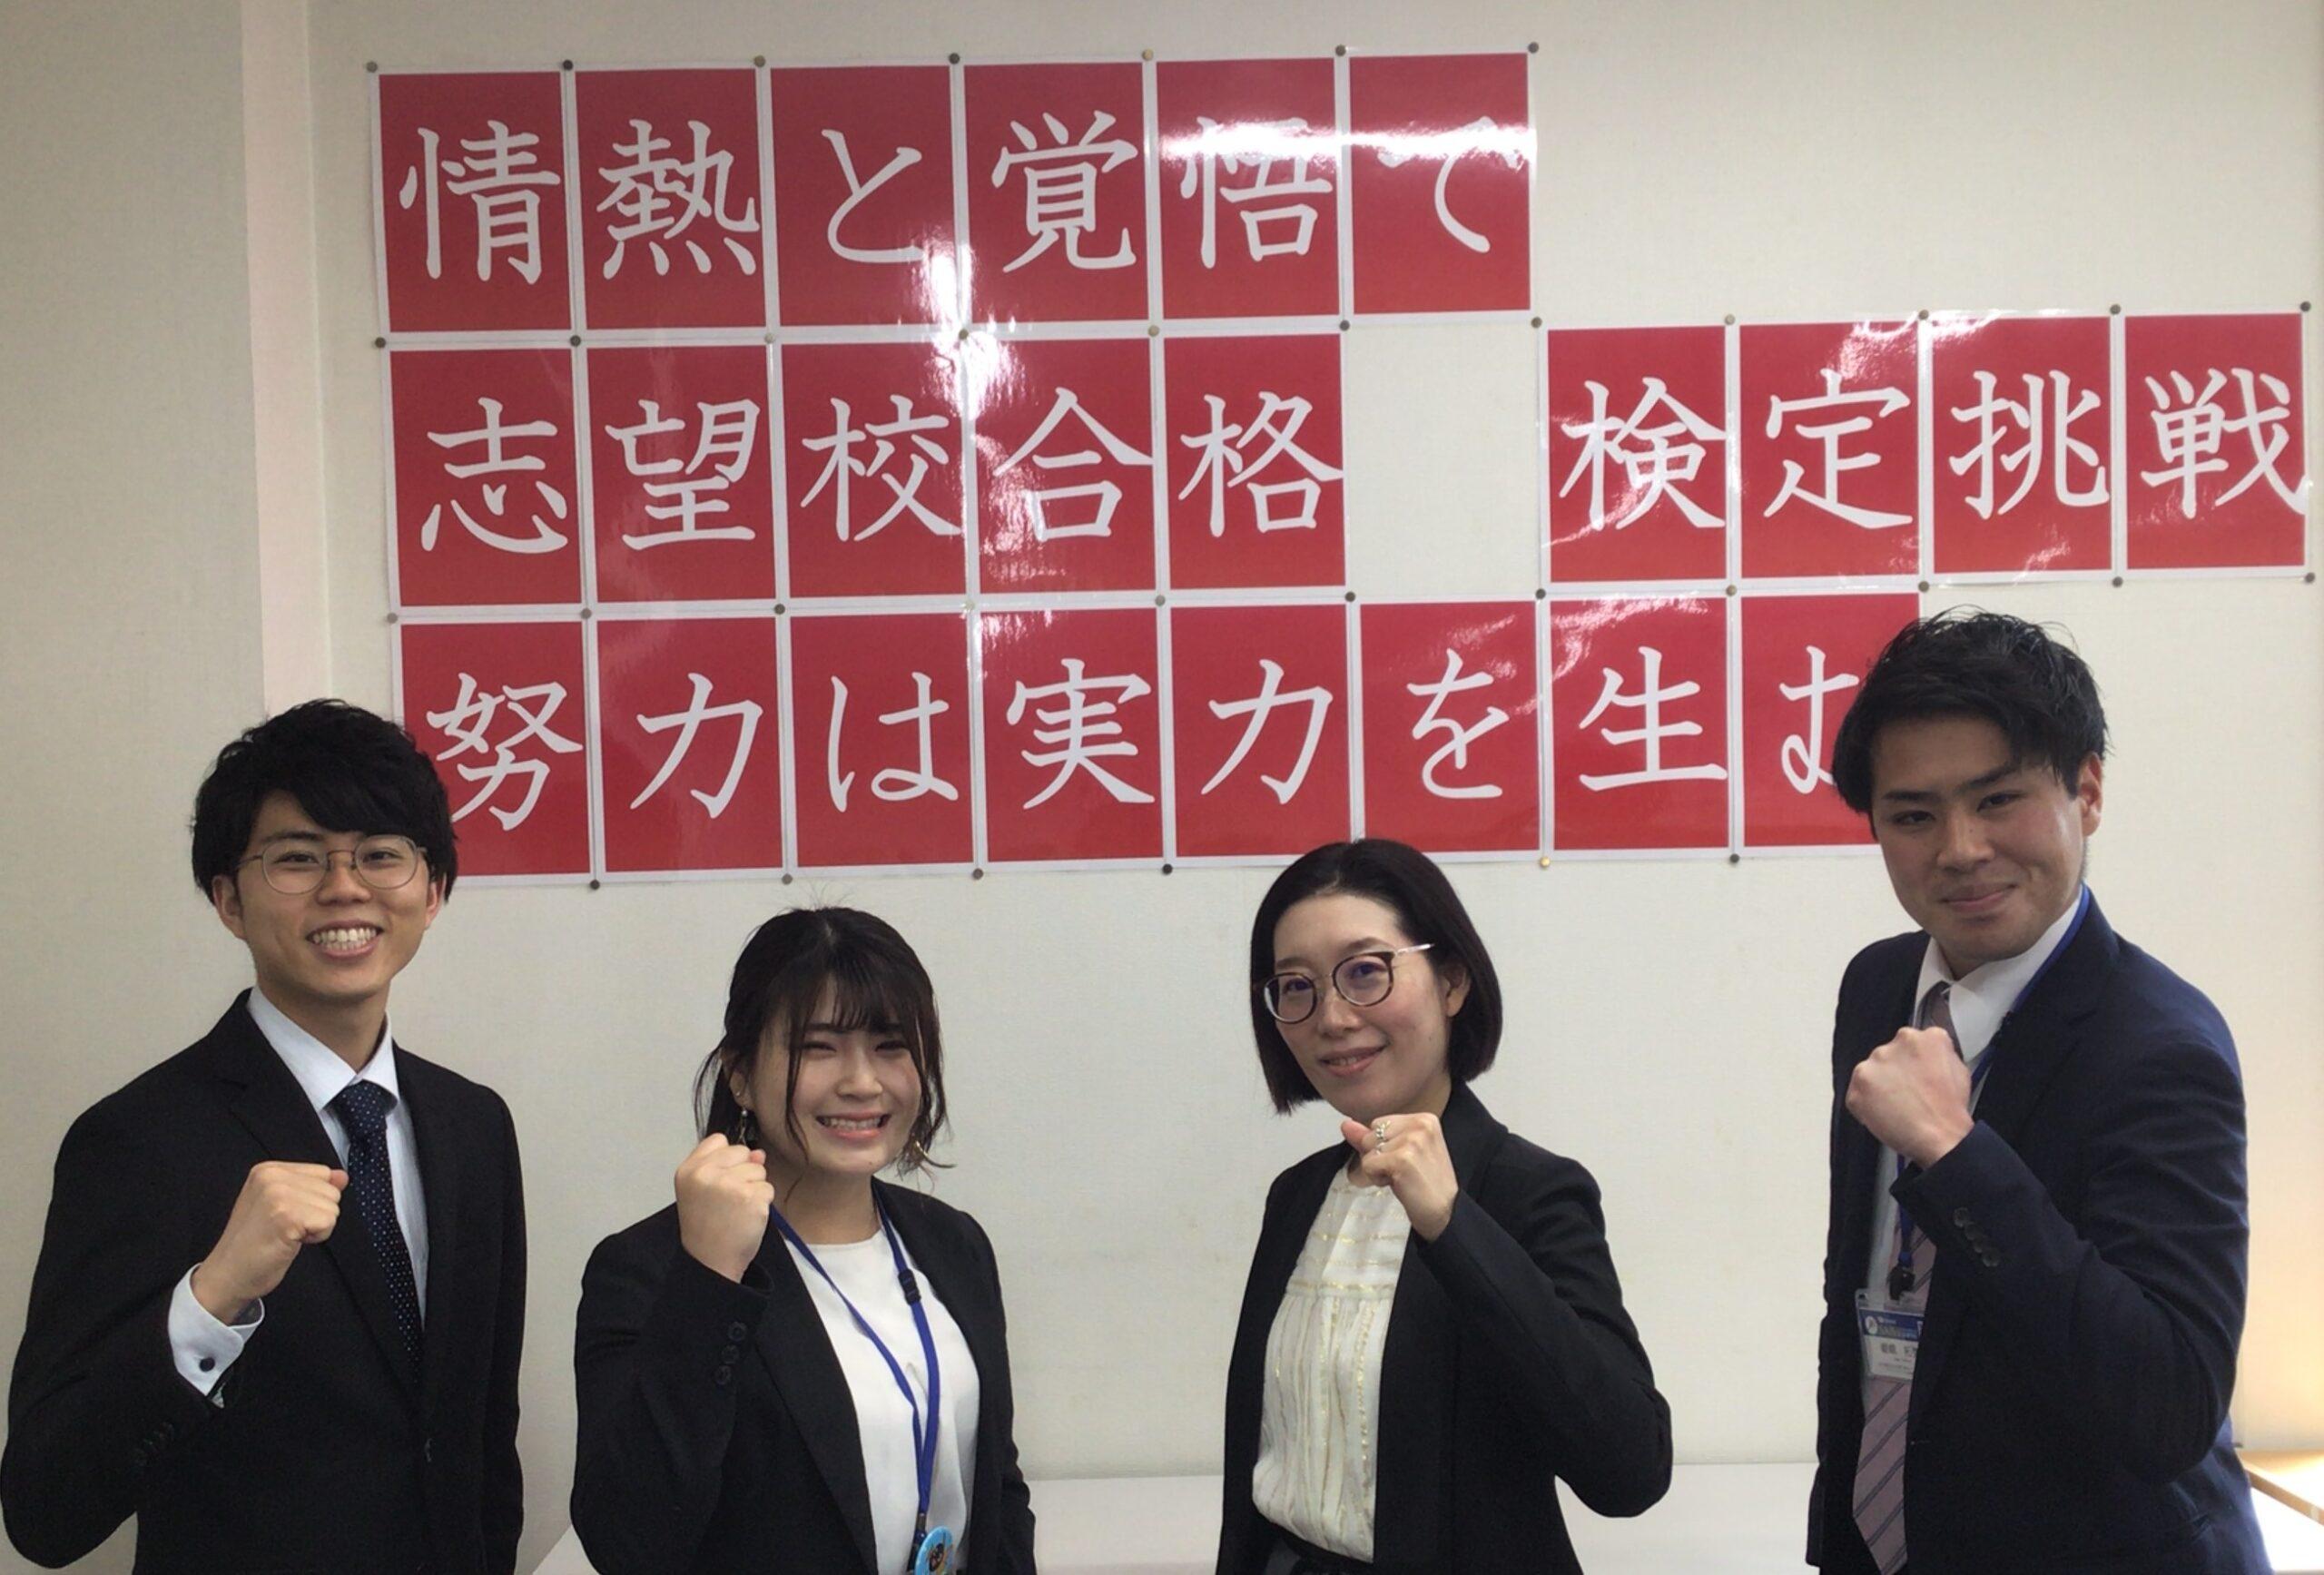 東浦和校のスタッフ